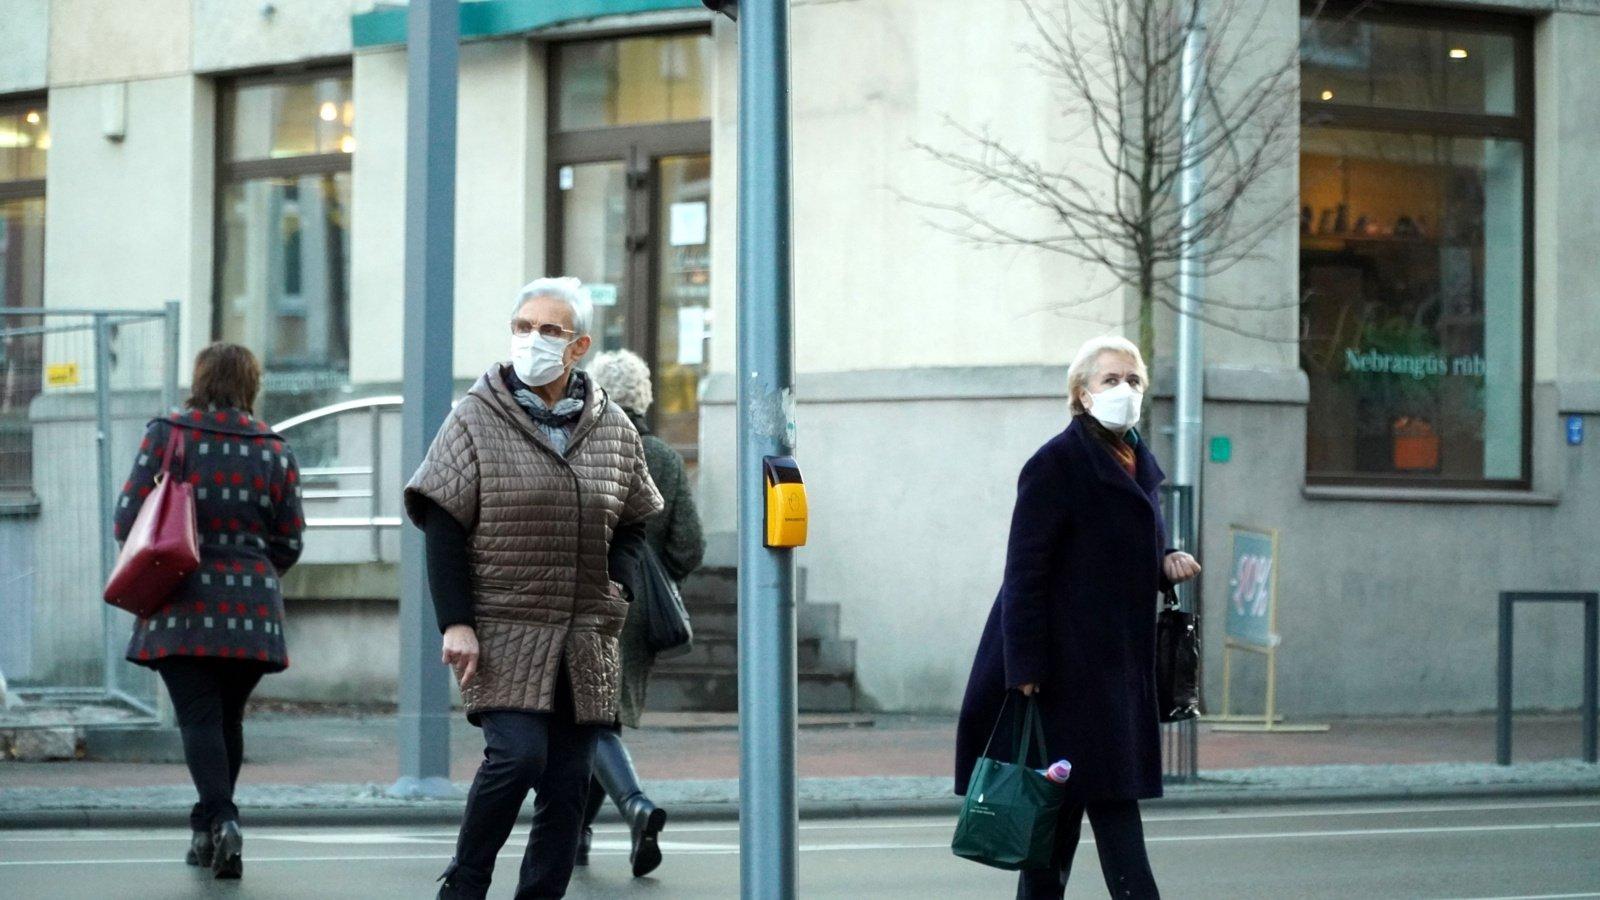 Virusas iš Šiaulių nesitraukia: situacijai blogėjant ketinama savaitgaliais uždaryti prekybos centrus